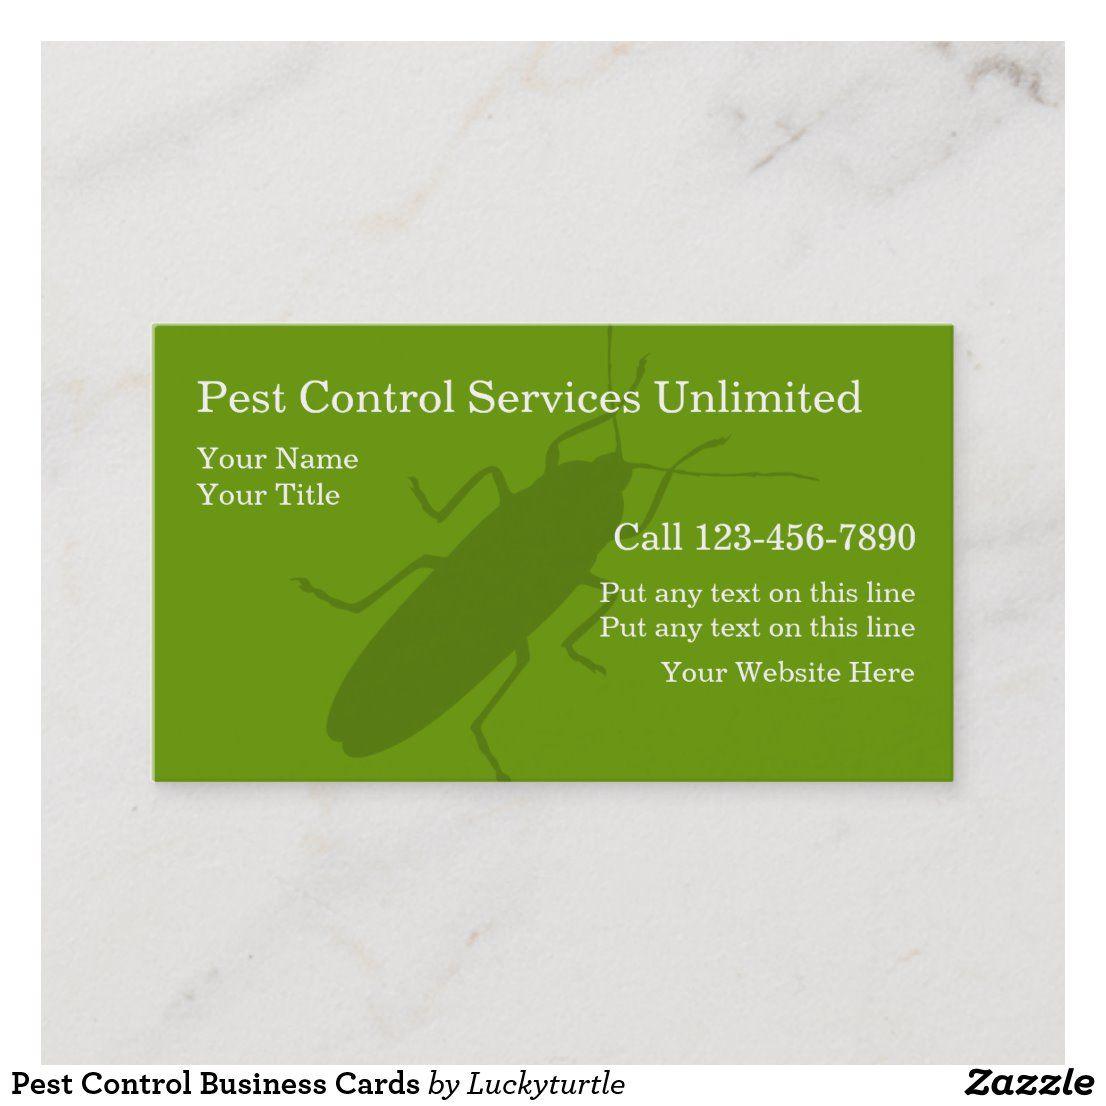 Pest Control Business Cards Zazzle Com Pest Control Business Cards Pests